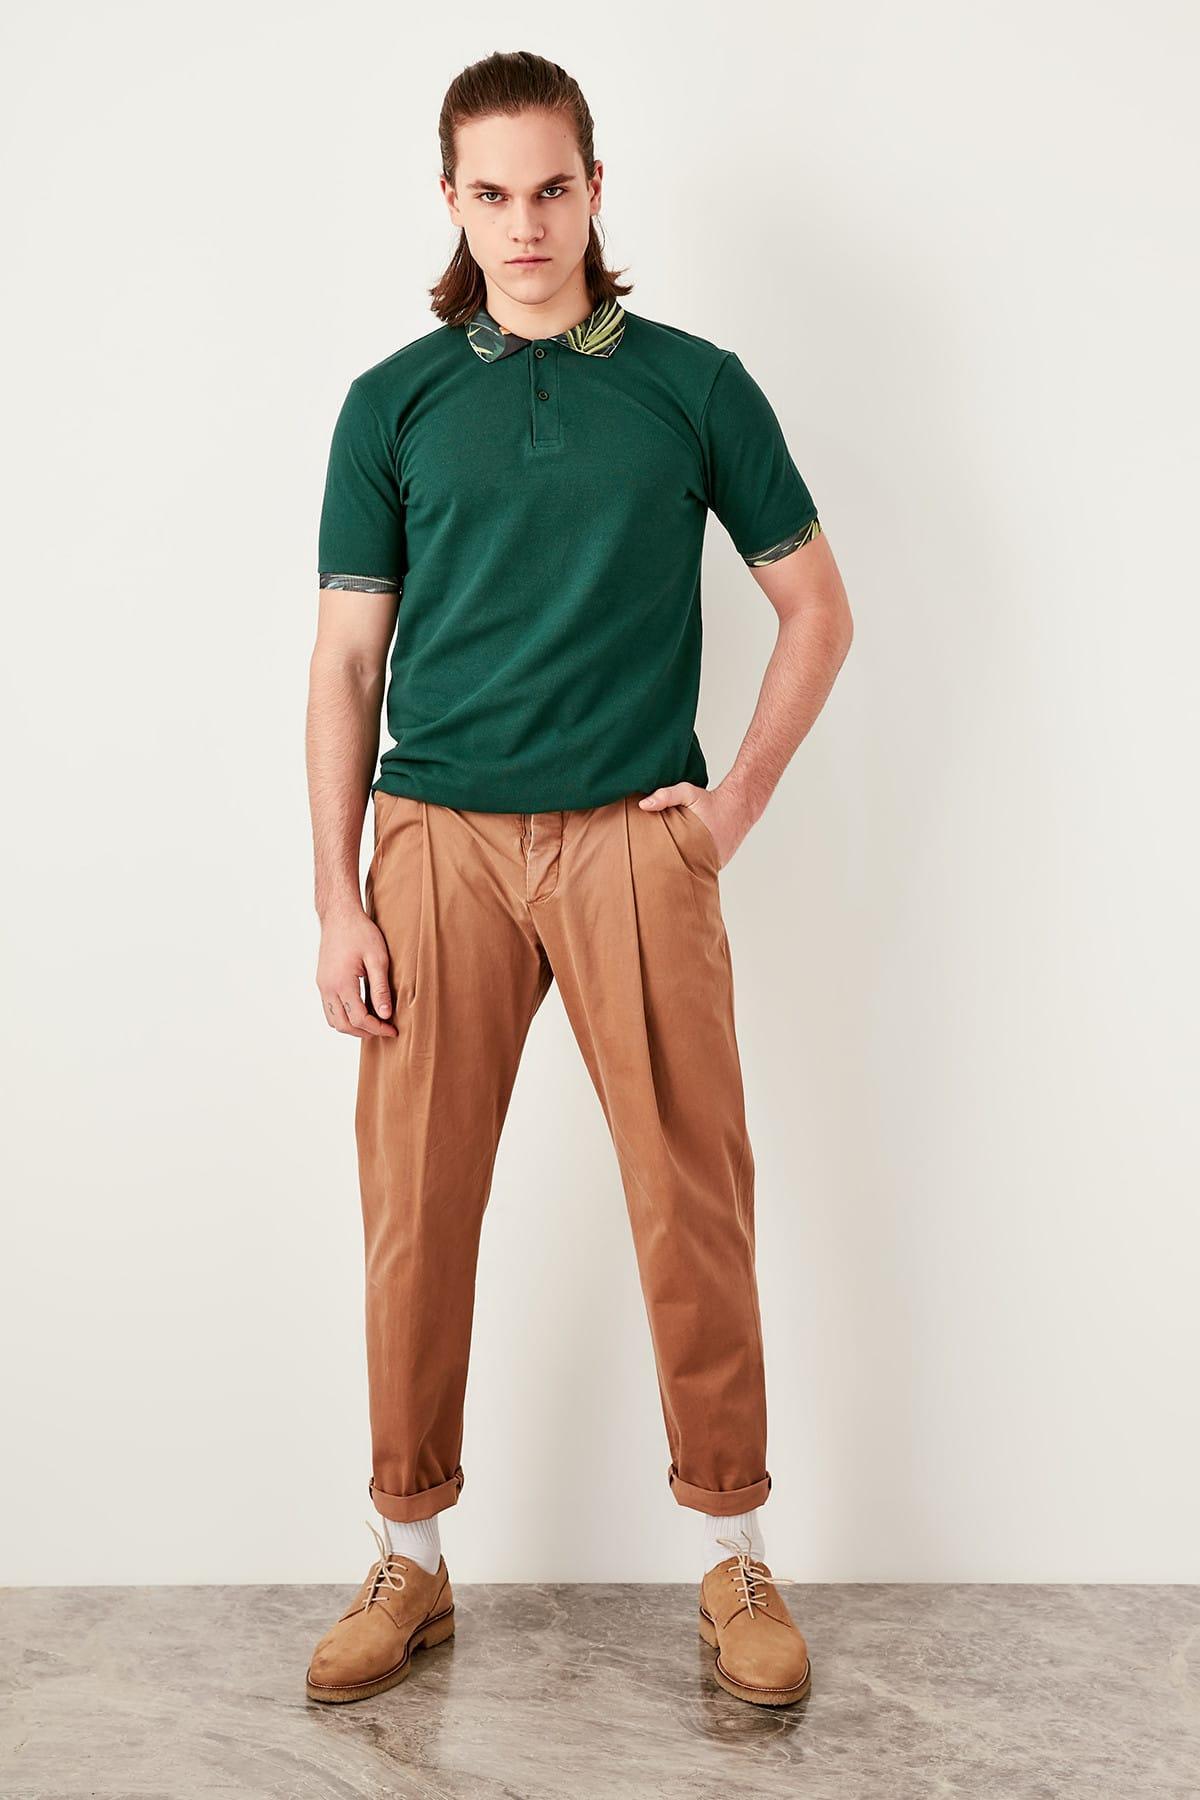 Suche Nach FlüGen Trendyol Grün Männlichen Colar Gemusterte Polo Kragen T-shirt Tmnss19qa0033 Weitere Rabatte üBerraschungen